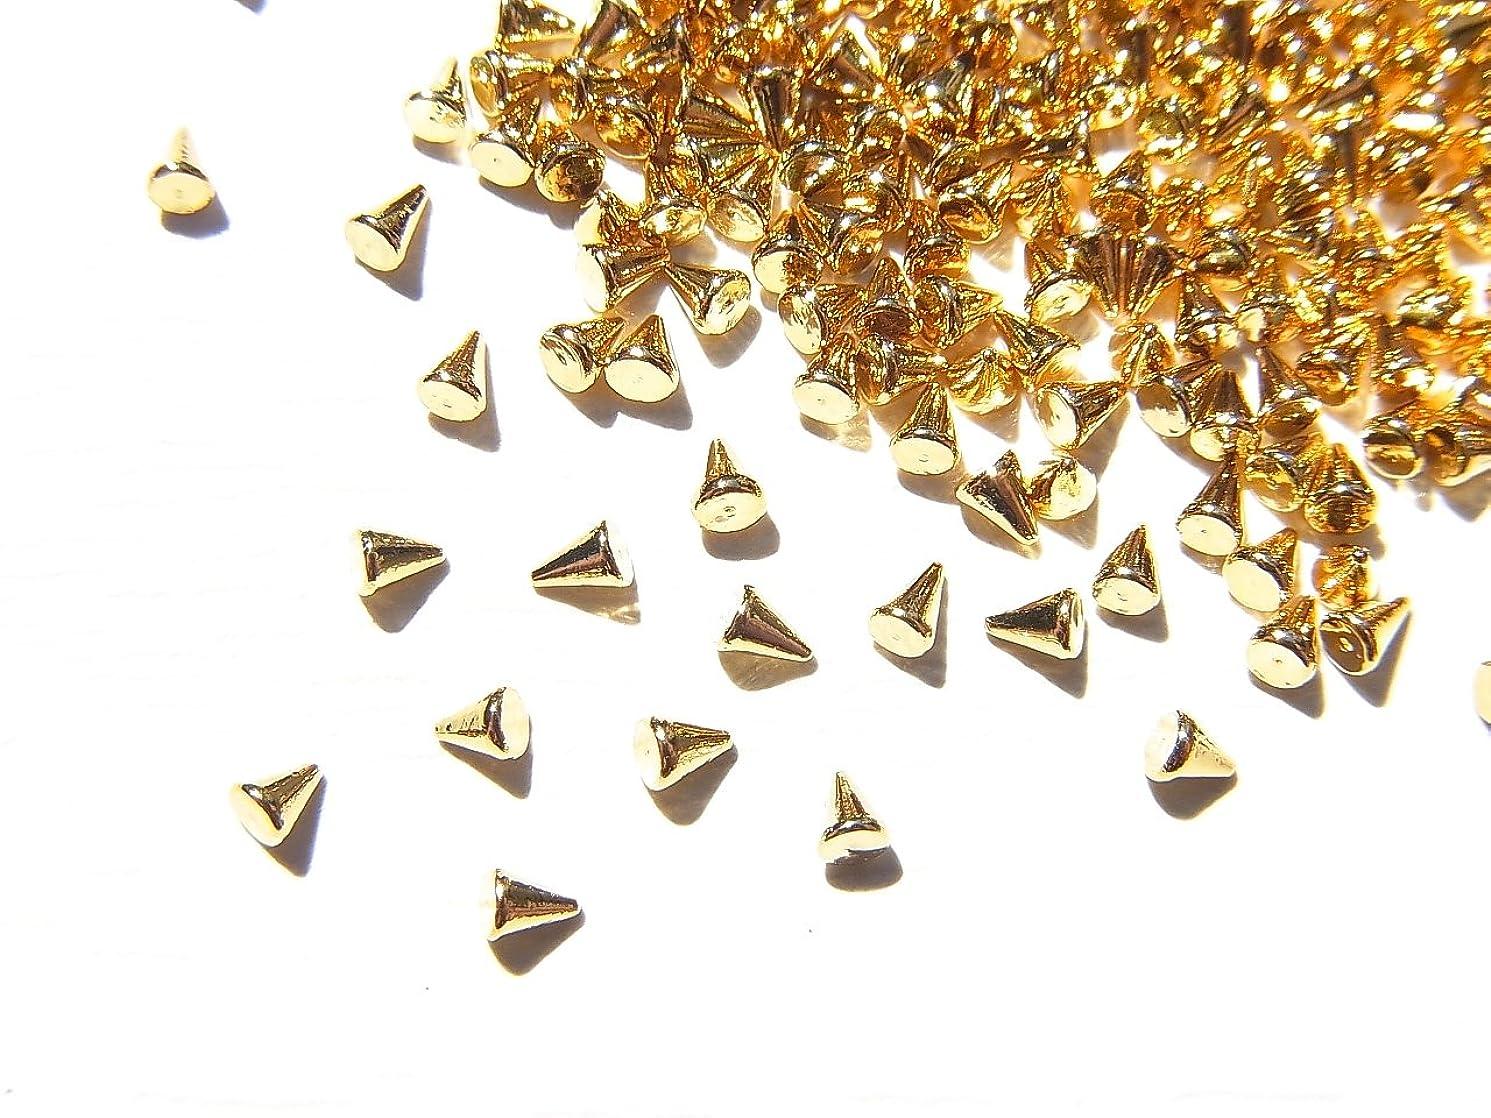 苛性激怒エレベーター【jewel】ゴールド メタルパーツ リベット (トゲトゲ) Sサイズ 10個入り 1.8mm×1.3mm 手芸 材料 レジン ネイルアート パーツ 素材